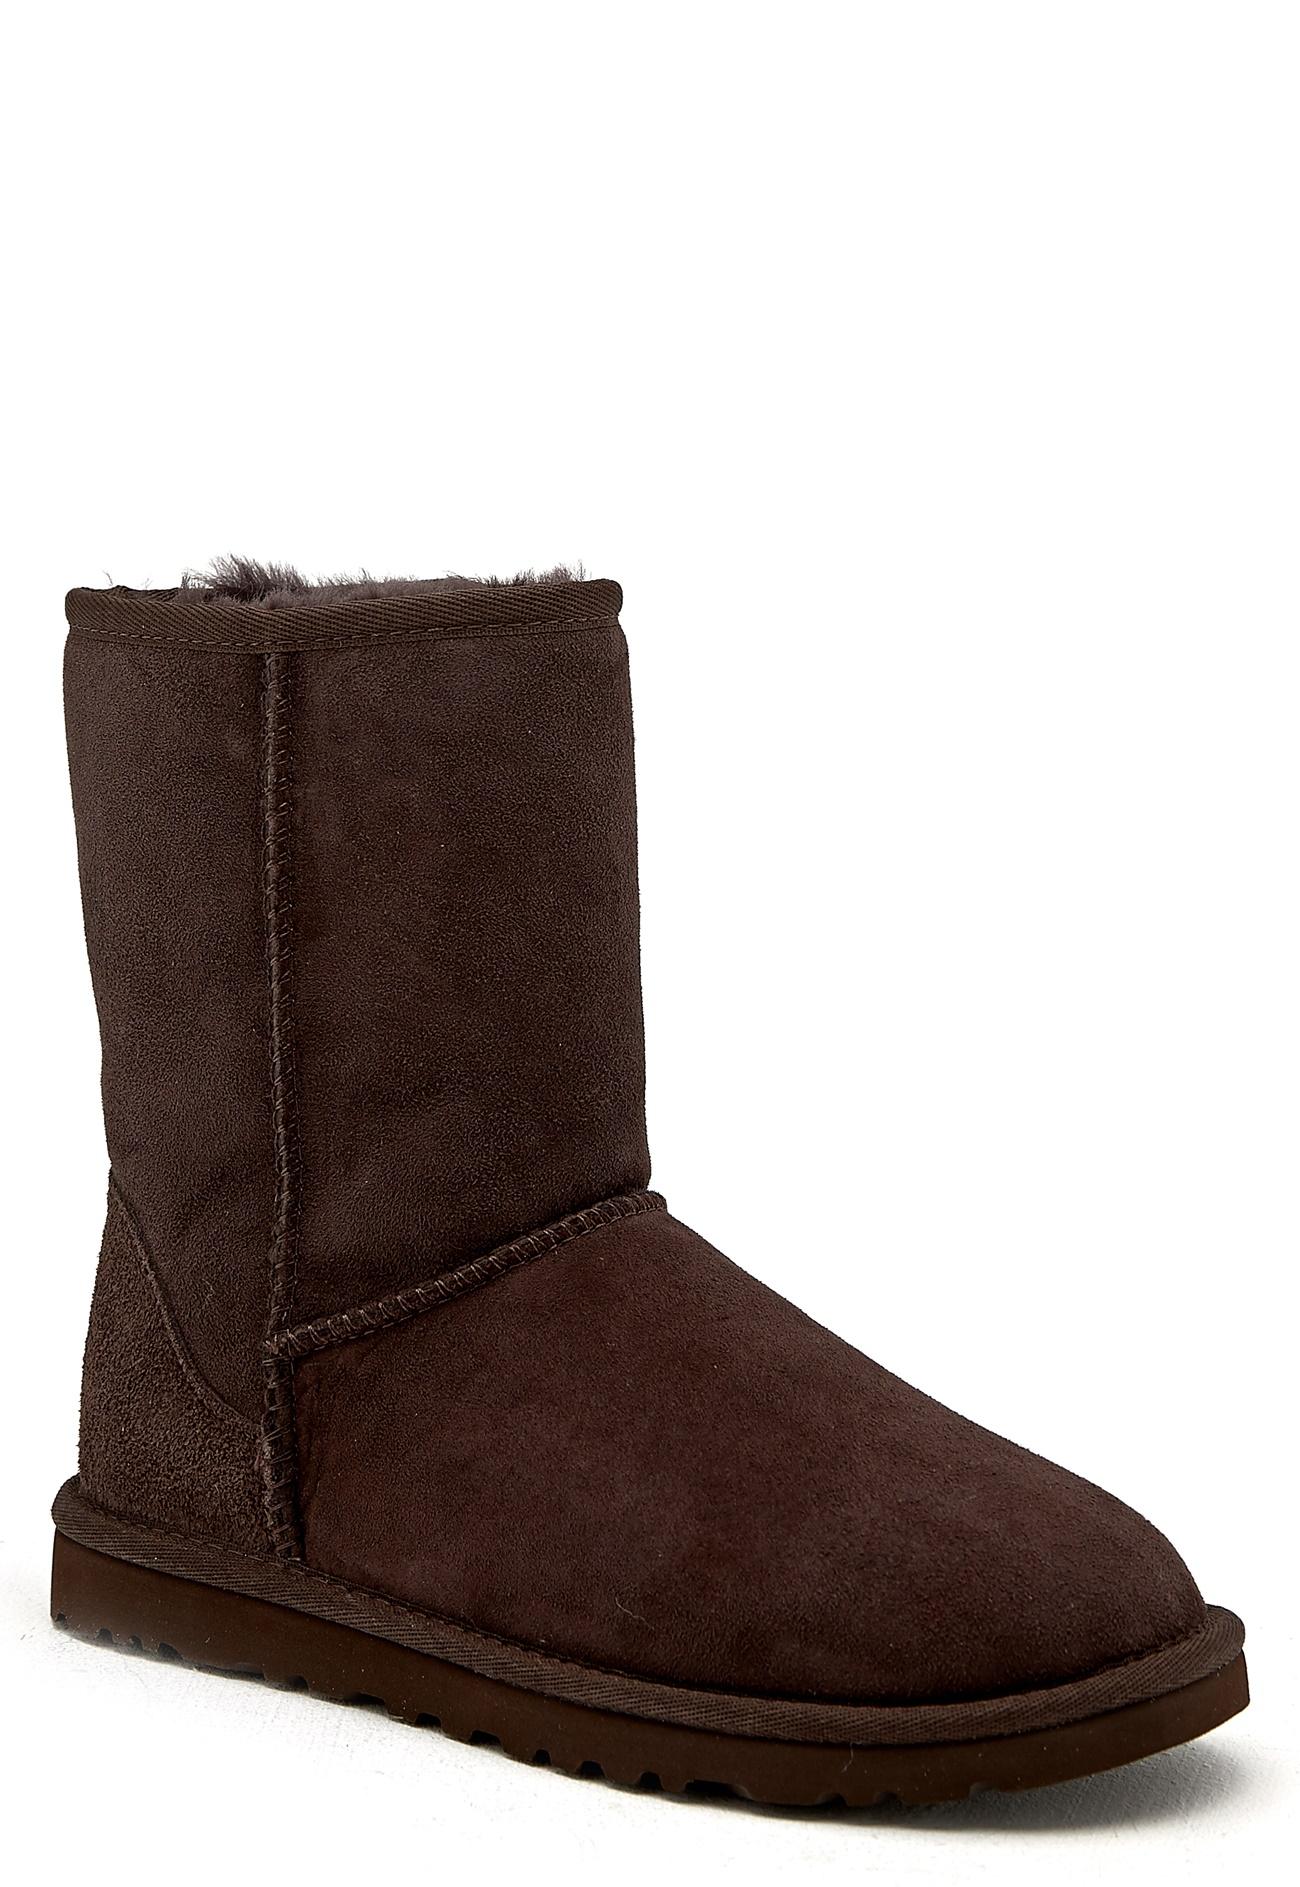 Winter Boots Ugg Australia Classic Short Herren